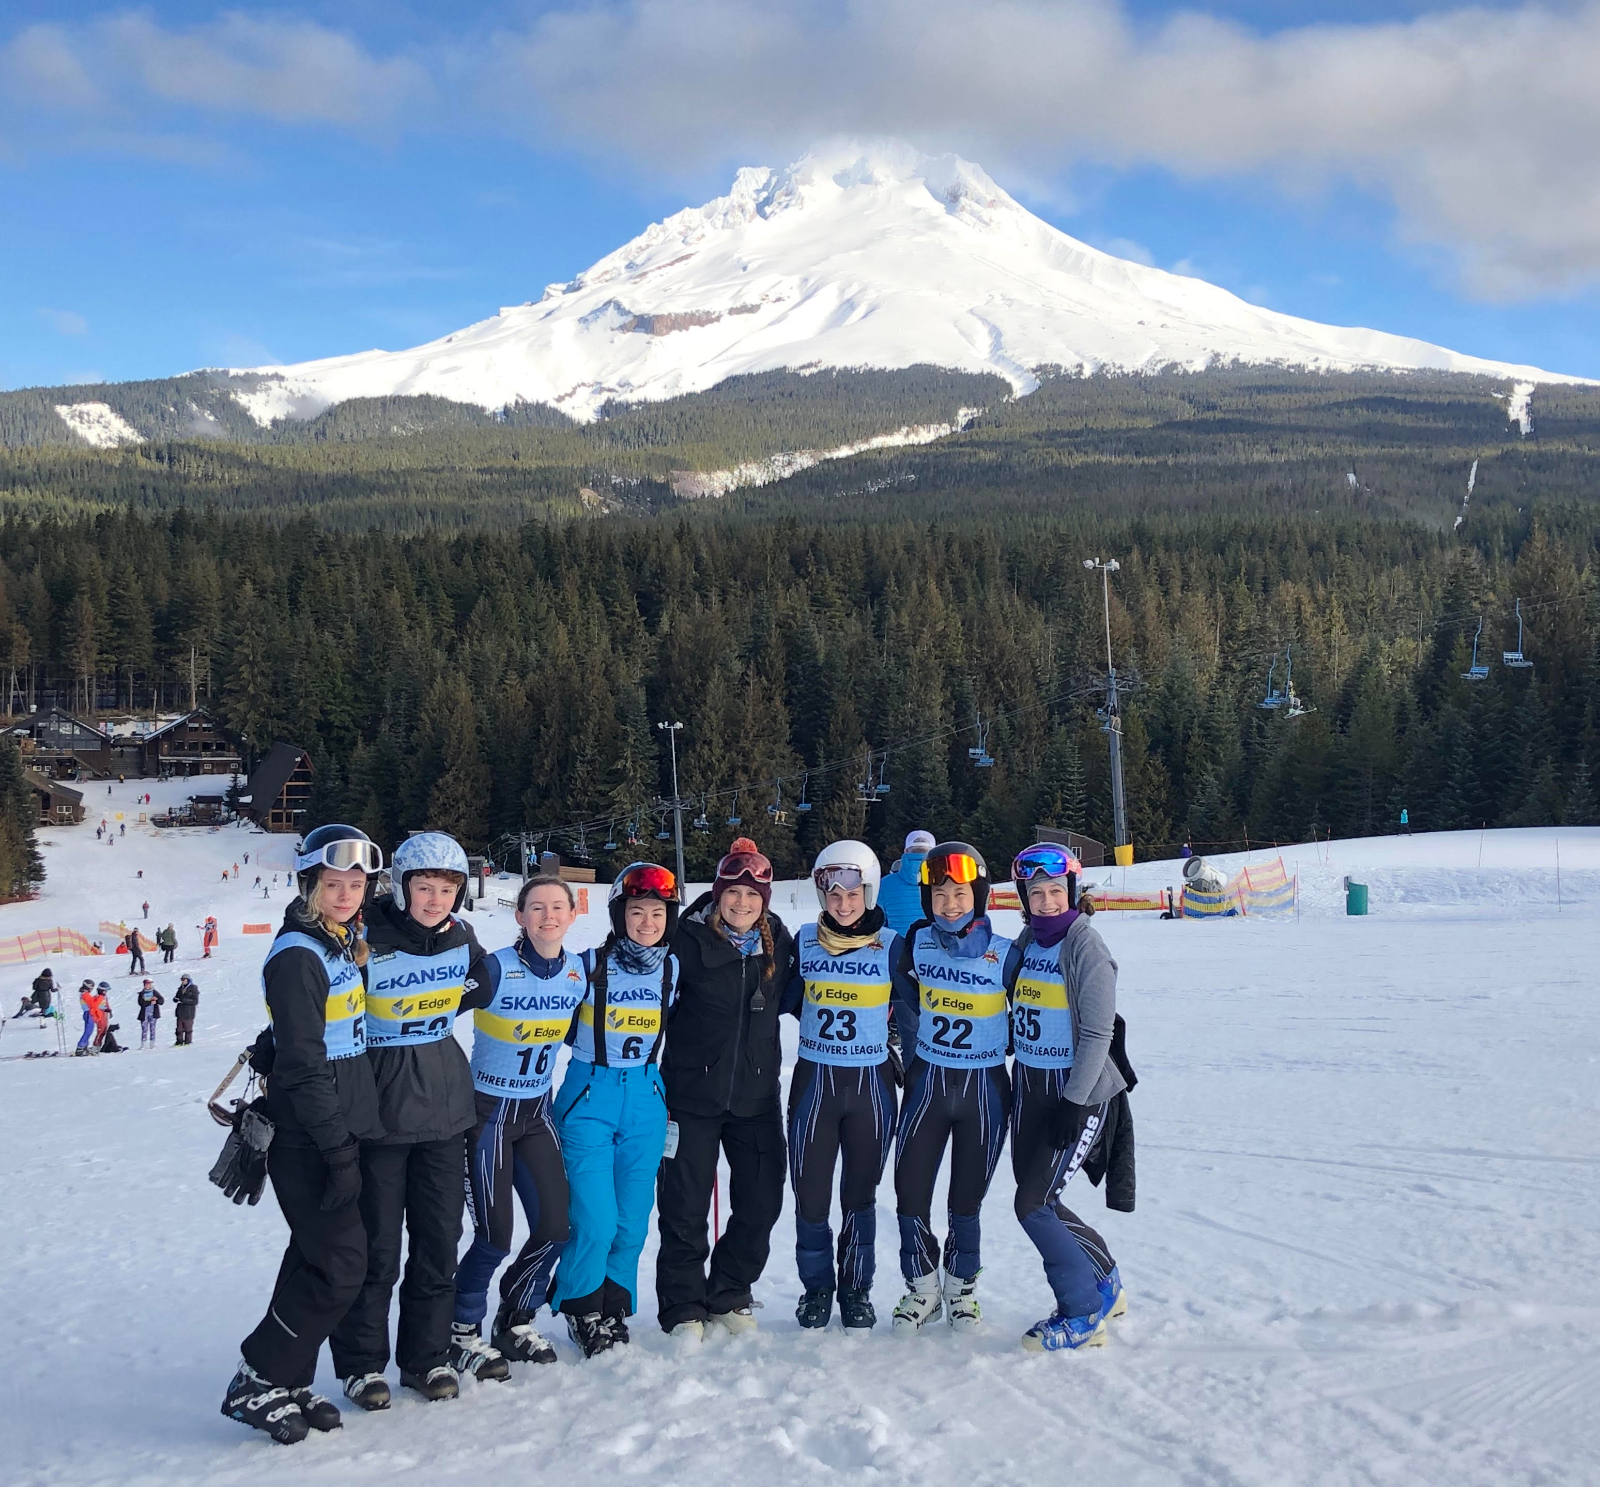 Ski Results